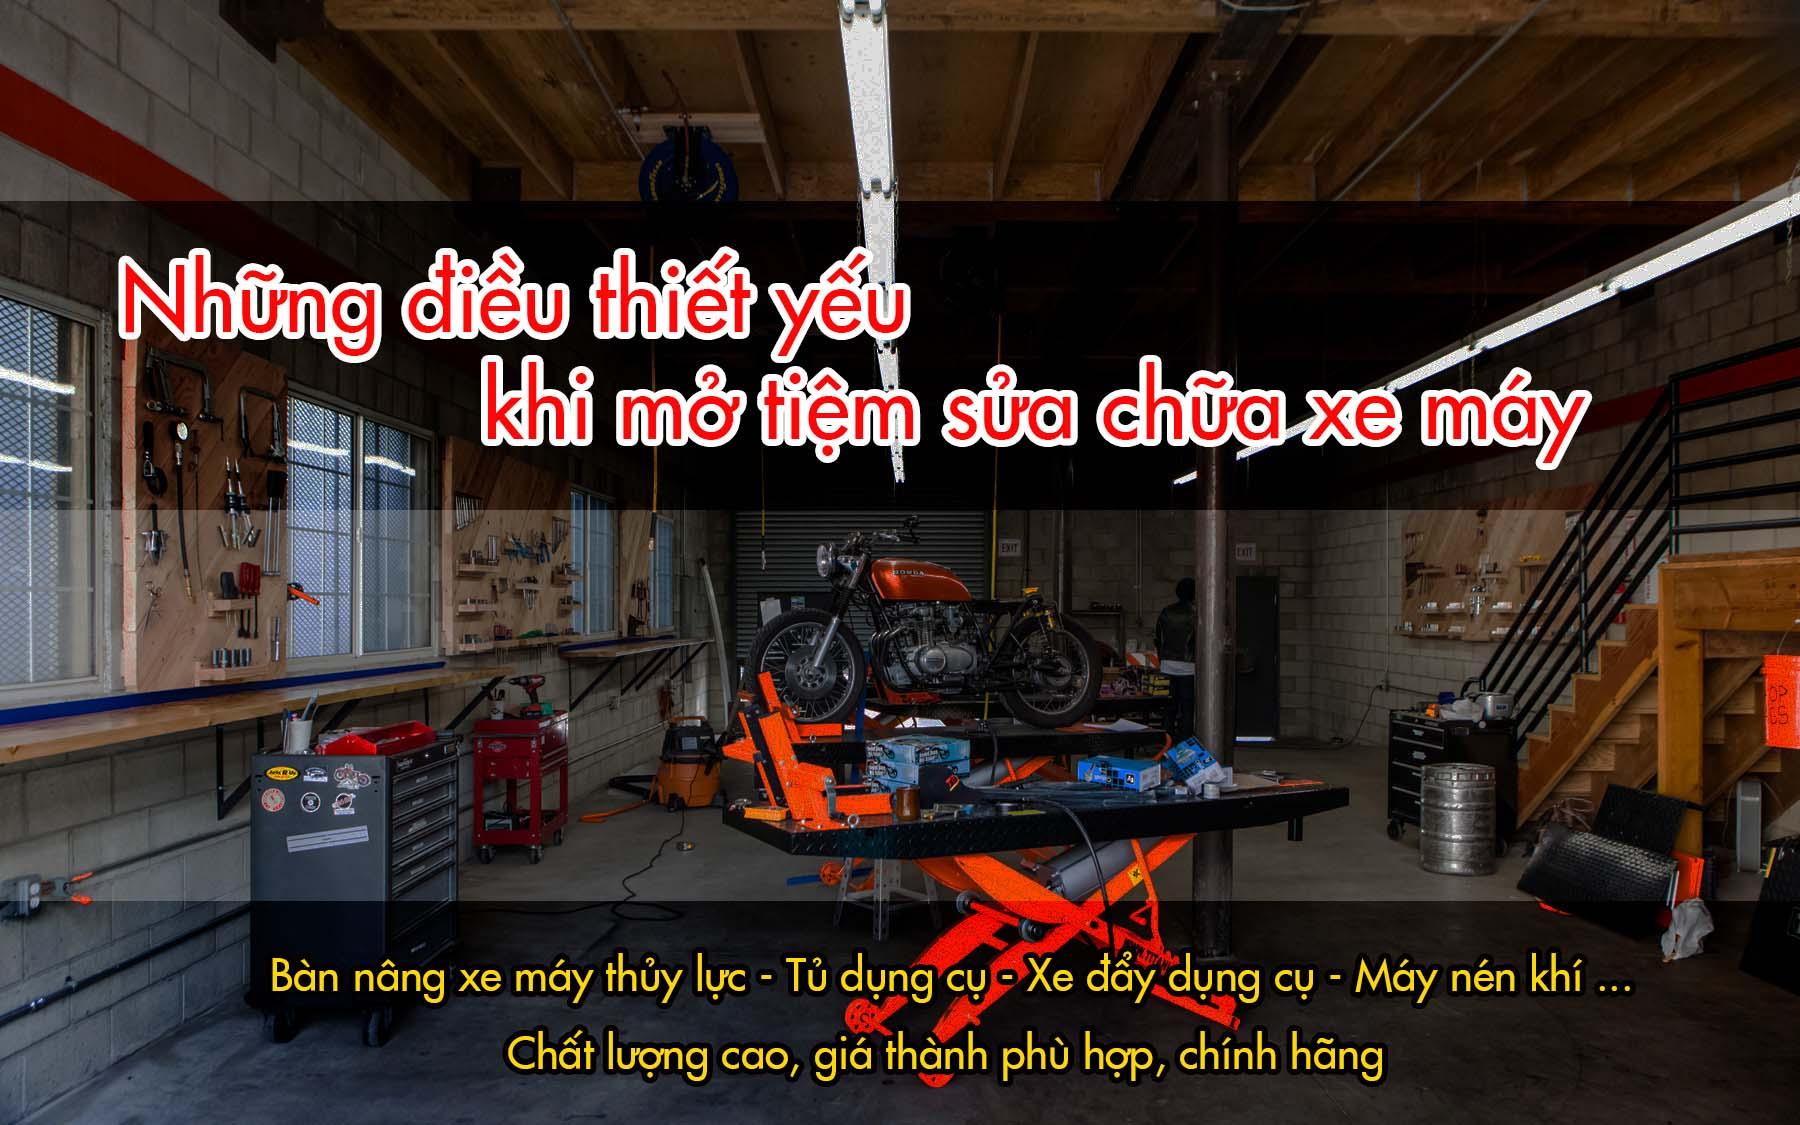 xây dựng tiệm sửa chữa xe máy